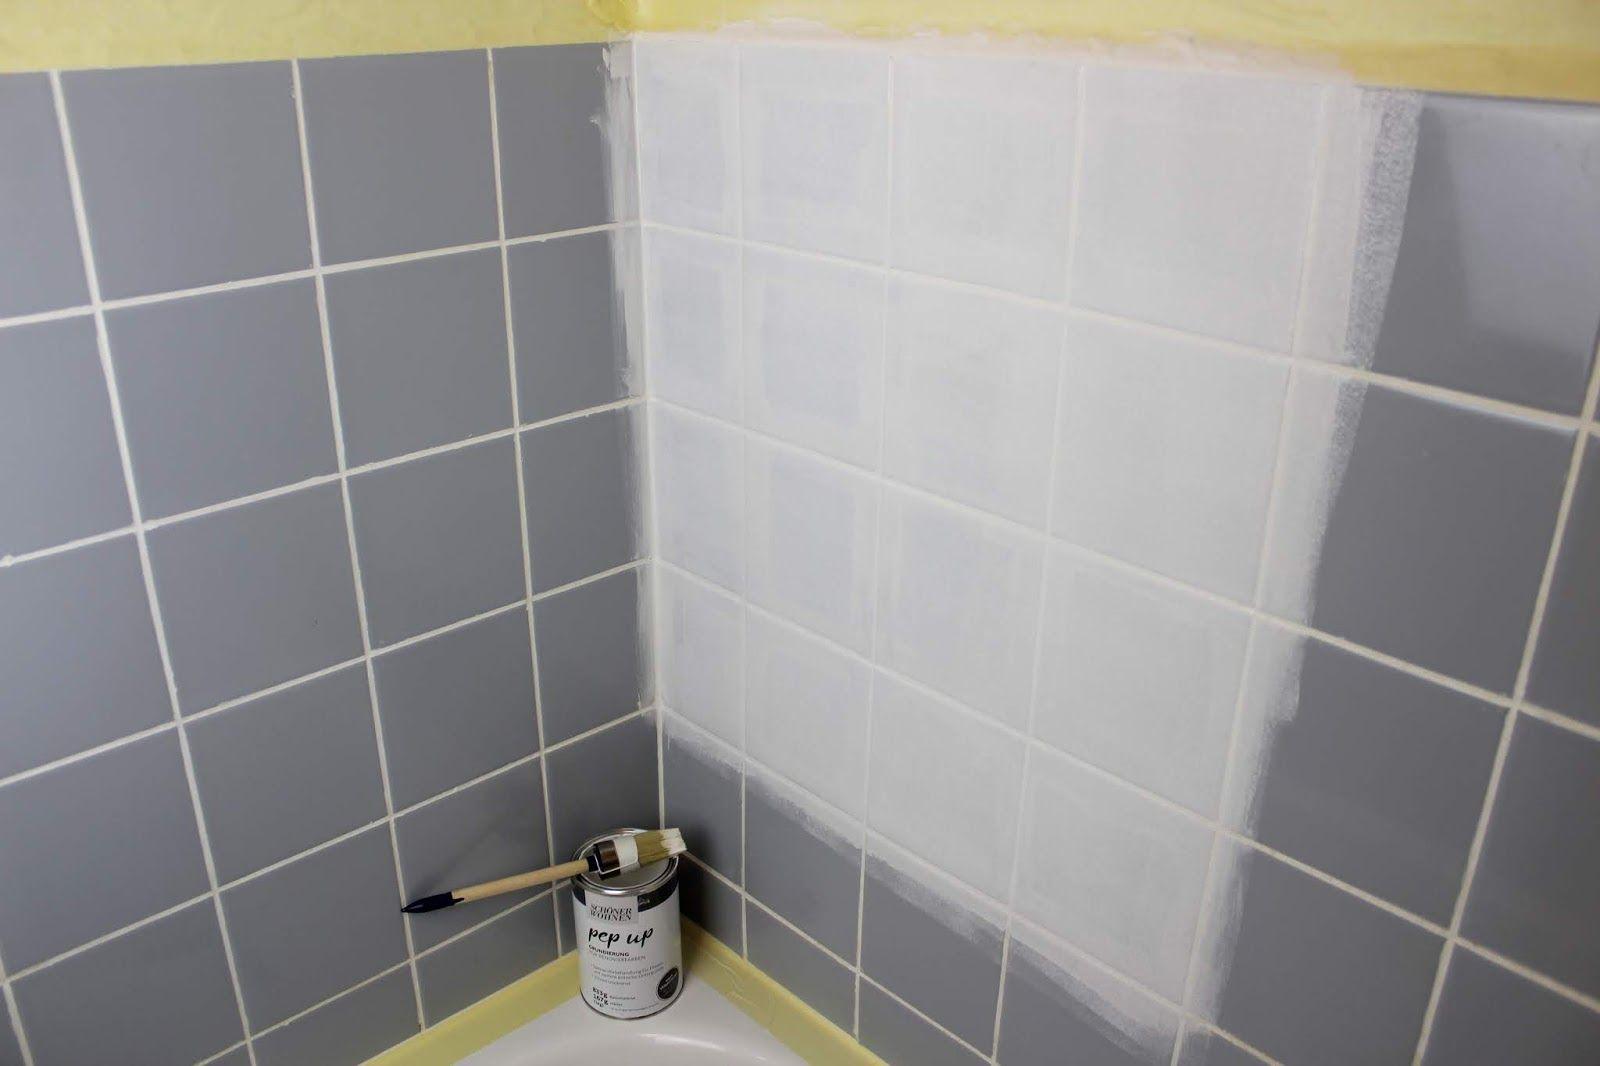 Diy Badezimmer Streichen Und Renovieren Mit Fliesenfarbe Badezimmer Streichen Fliesenfarbe Renovieren